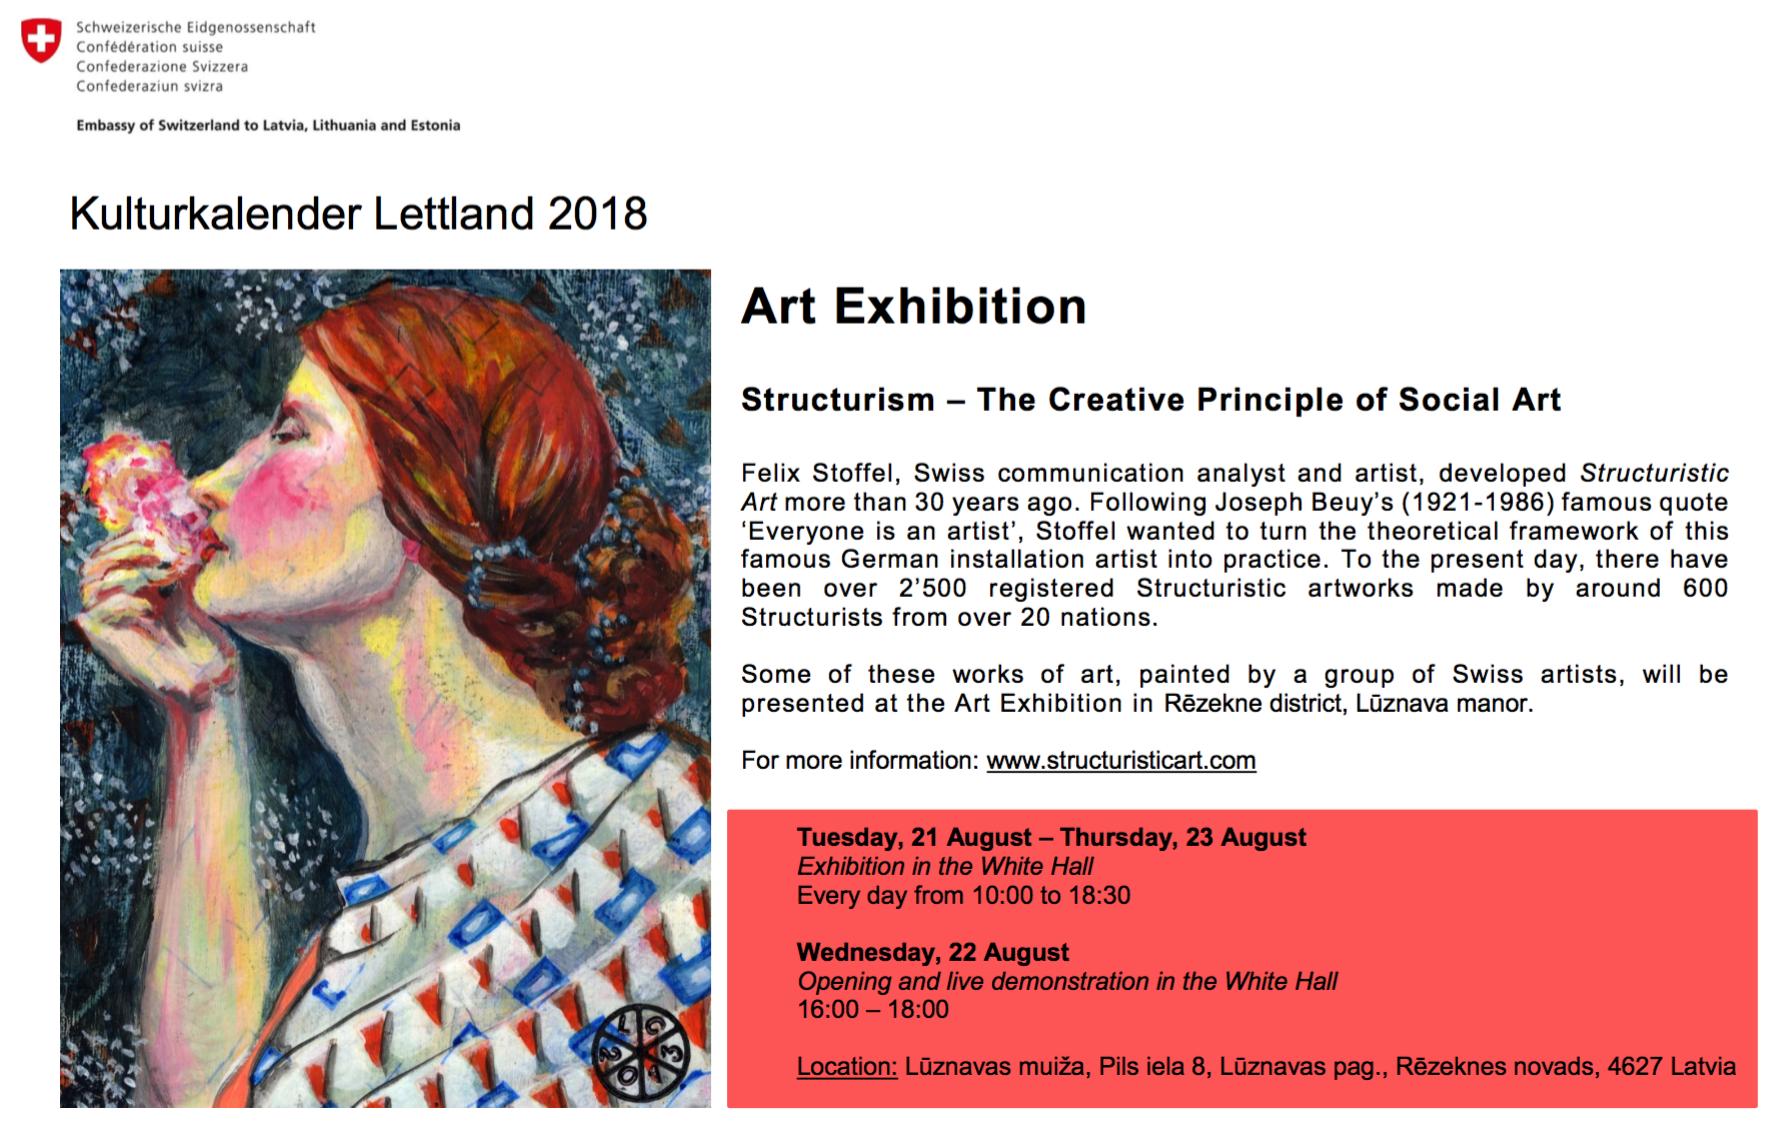 Events @en | Structuristic Art